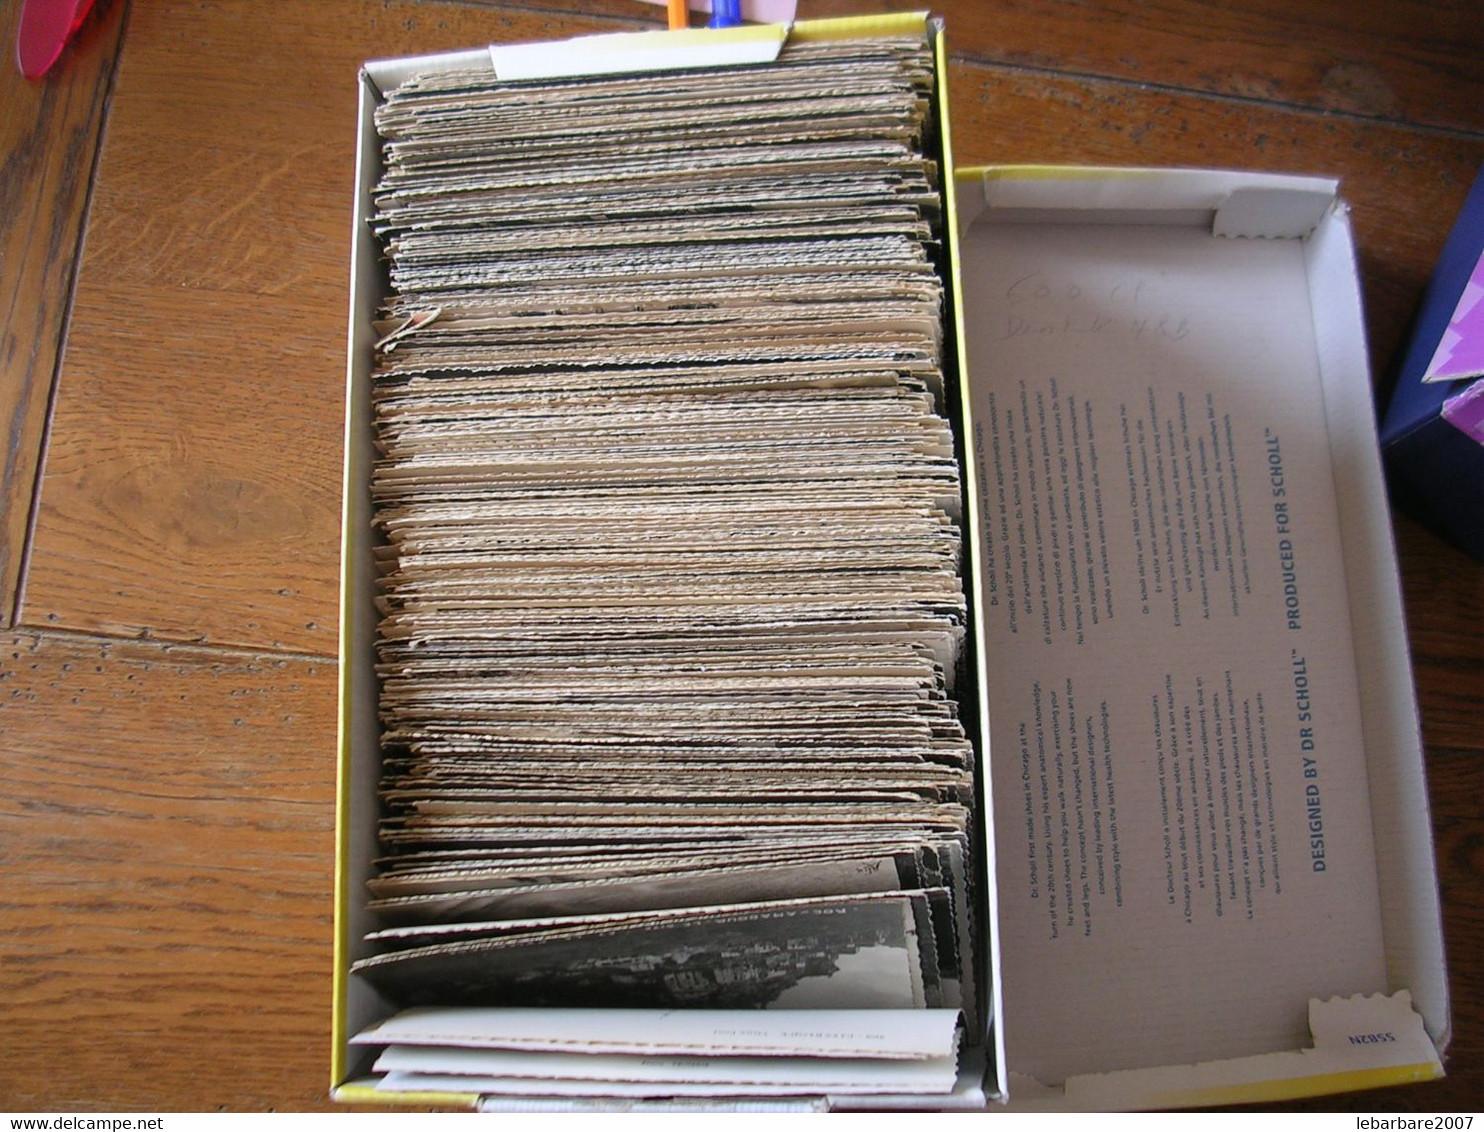 LOT DE + DE 600 CARTES POSTALES 10X15  Dentelée NOIR & BLANC ( VRAC ) - 500 Postcards Min.